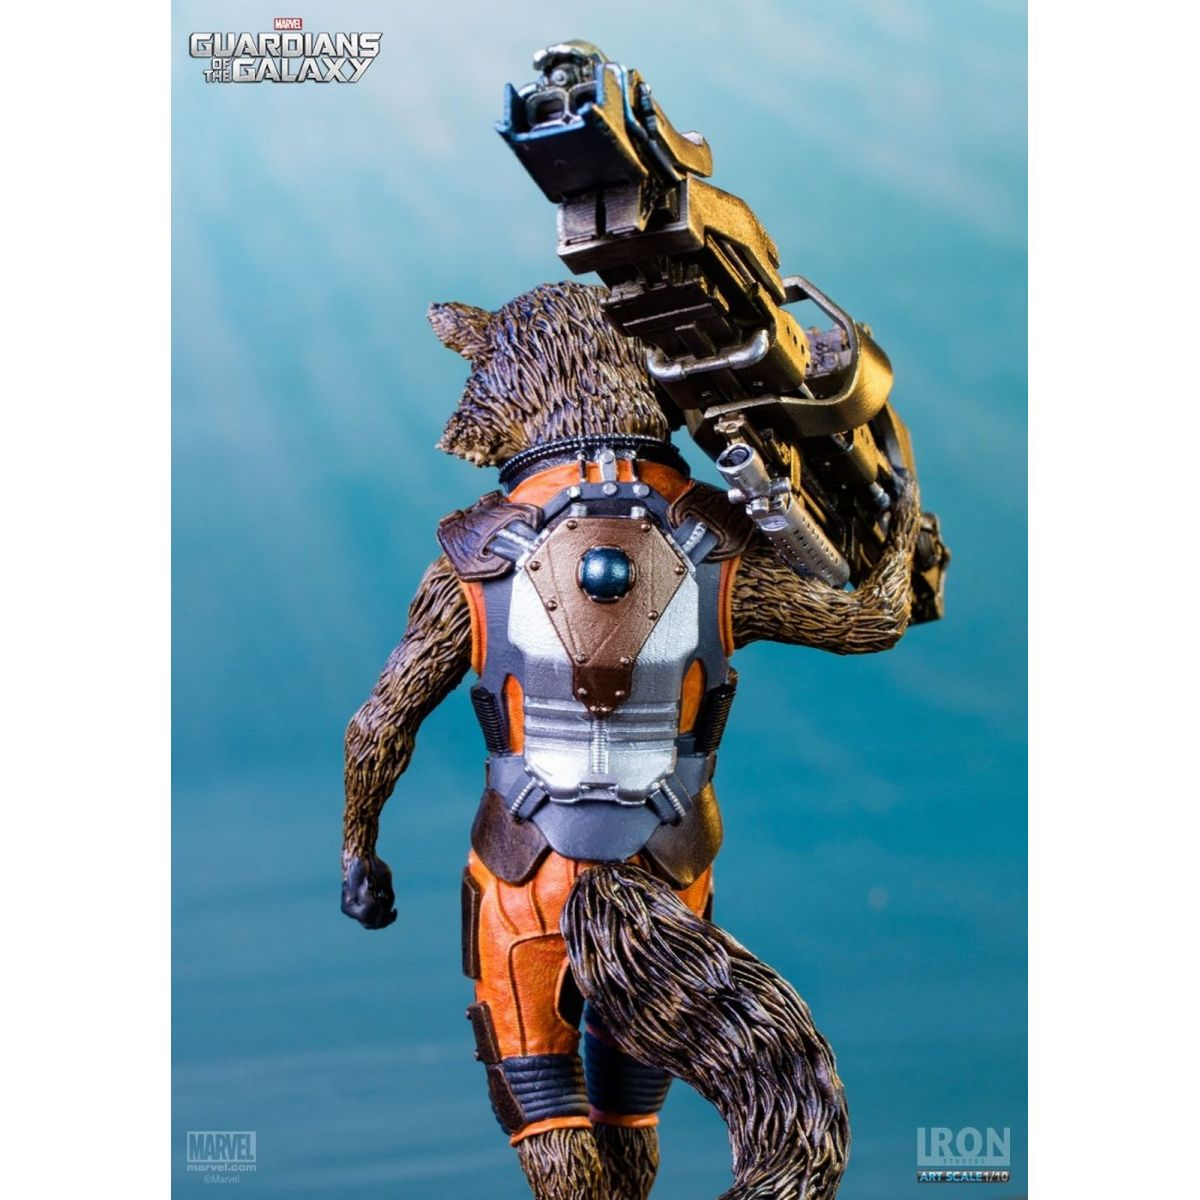 Estátua Rocket Raccoon: Guardiões da Galáxia Escala 1/10 - Iron Studios - CD